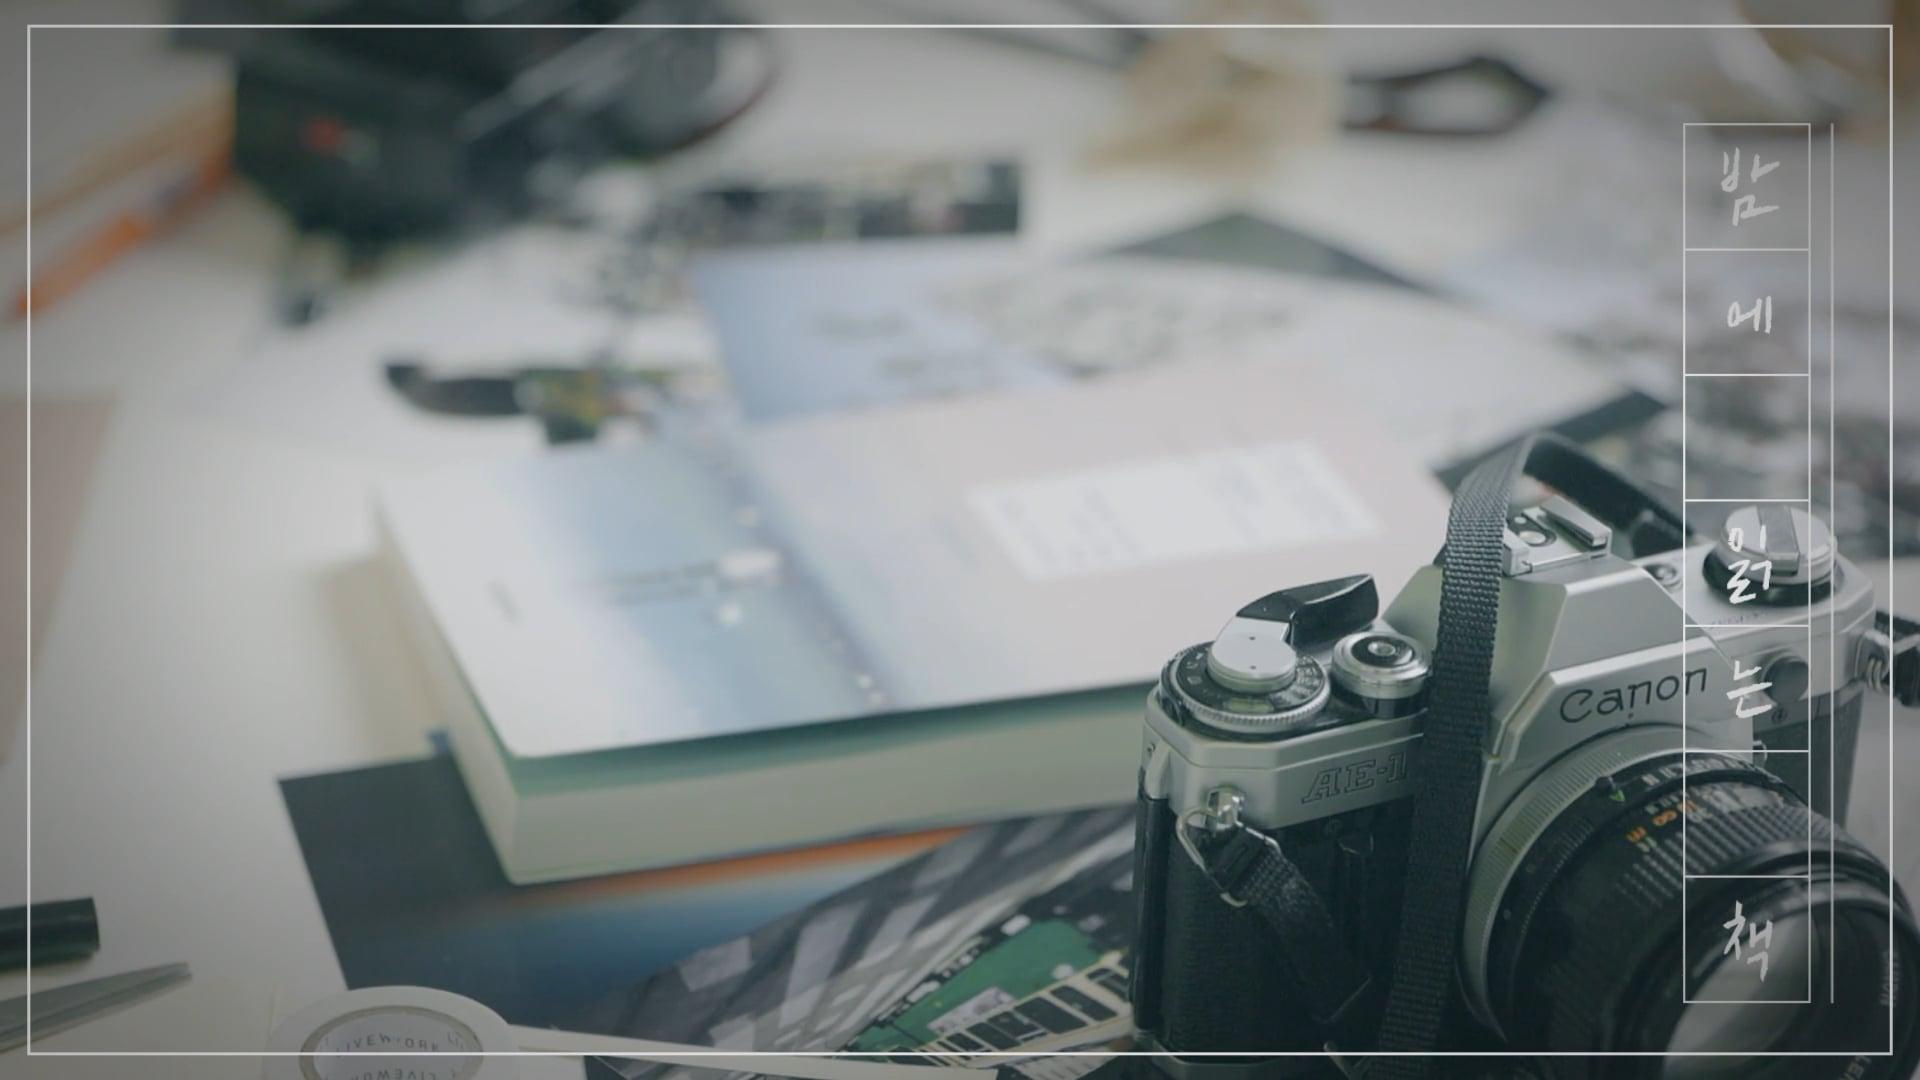 [YOUTUBE][BRAND] 위즈덤하우스_밤에읽는책